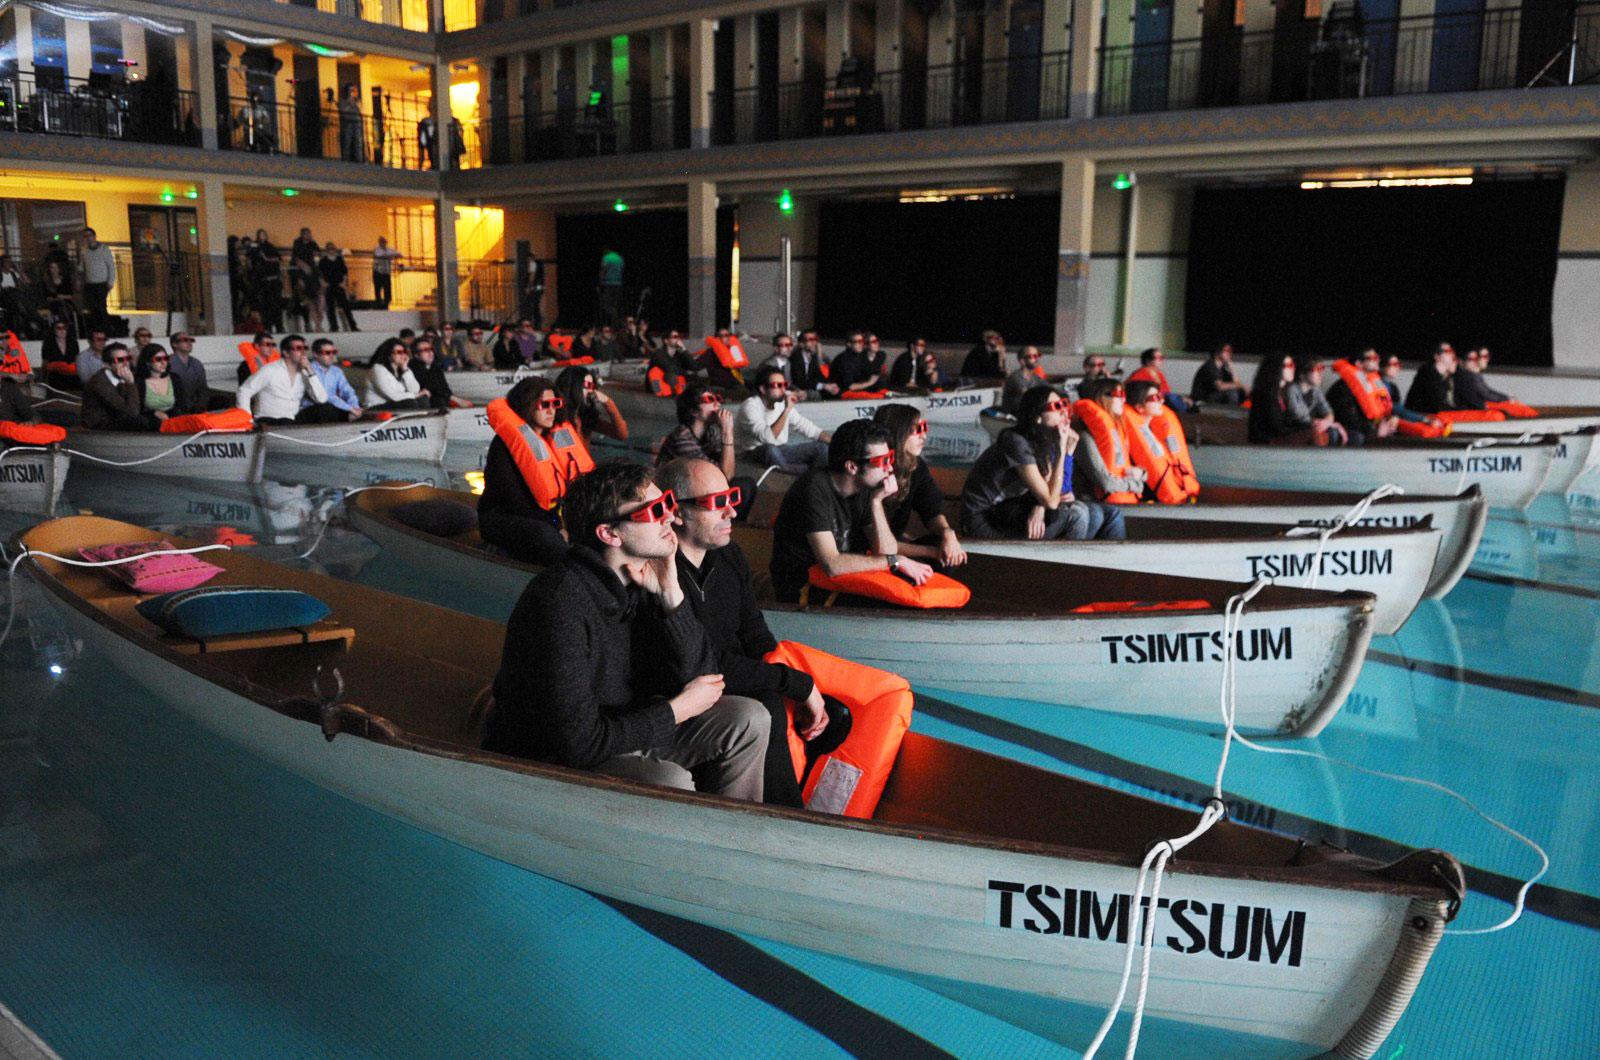 6-cinemas-interior-boat-cinema1